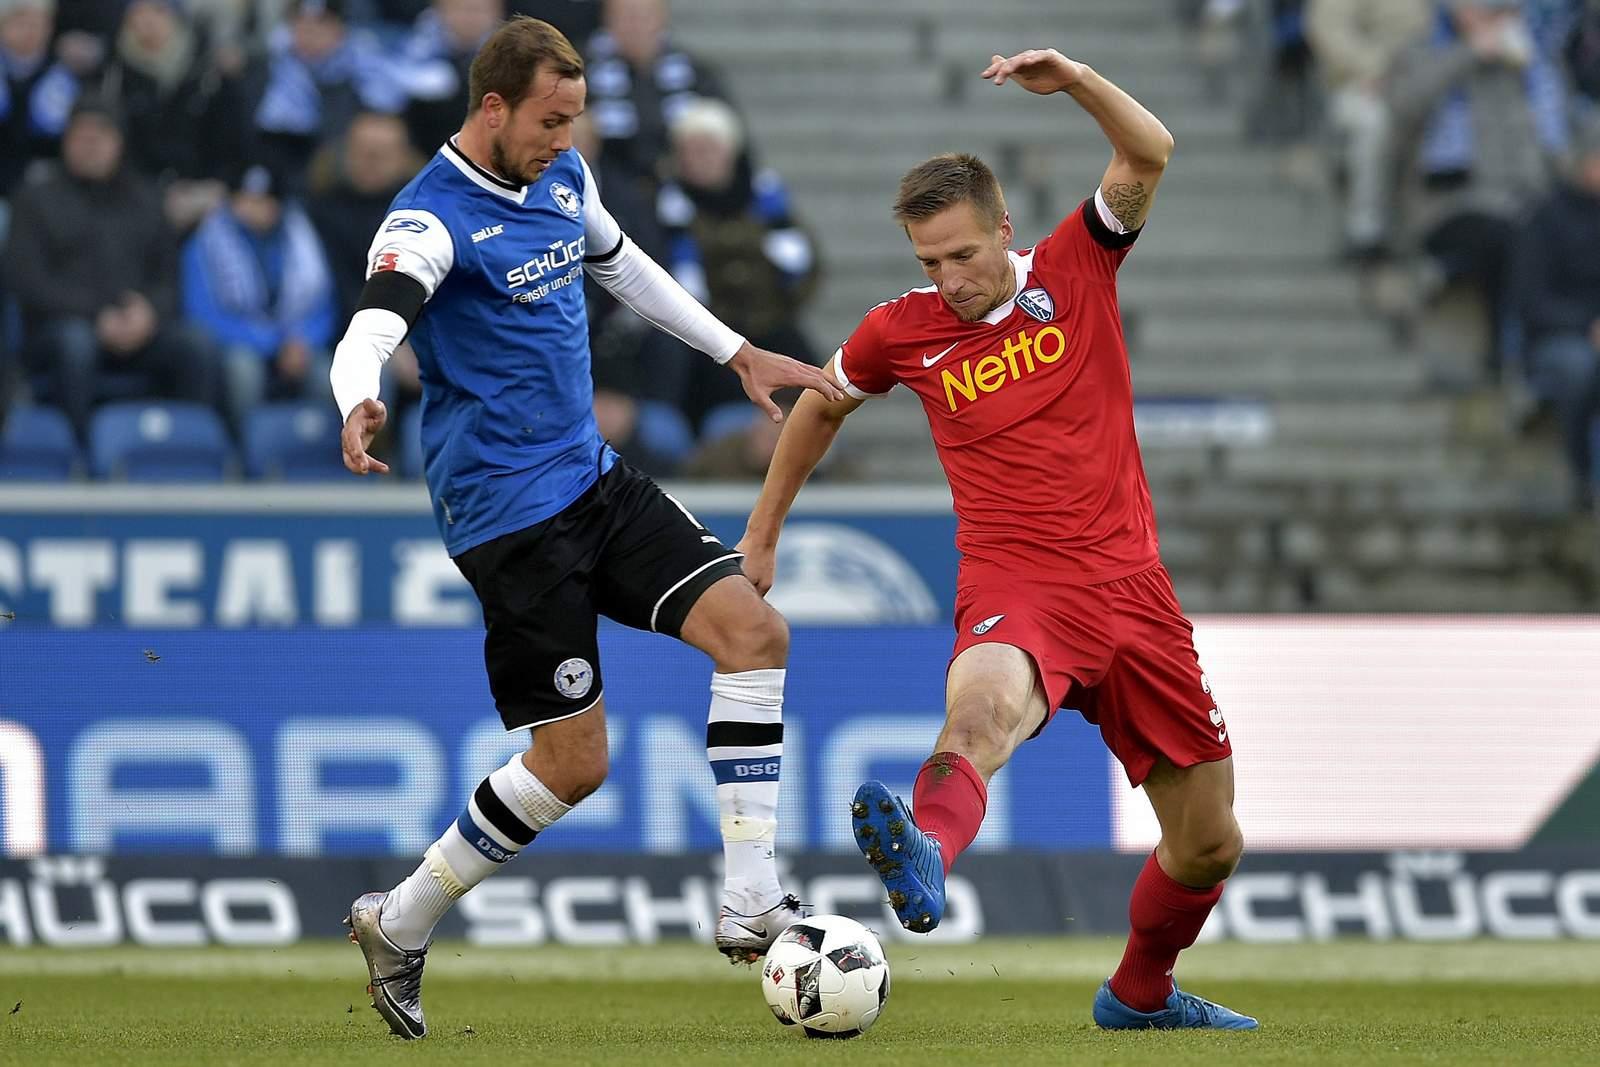 Setzt sich Stiepermann wieder gegen Prietl durch? Jetzt auf Bochum gegen Bielefeld wetten